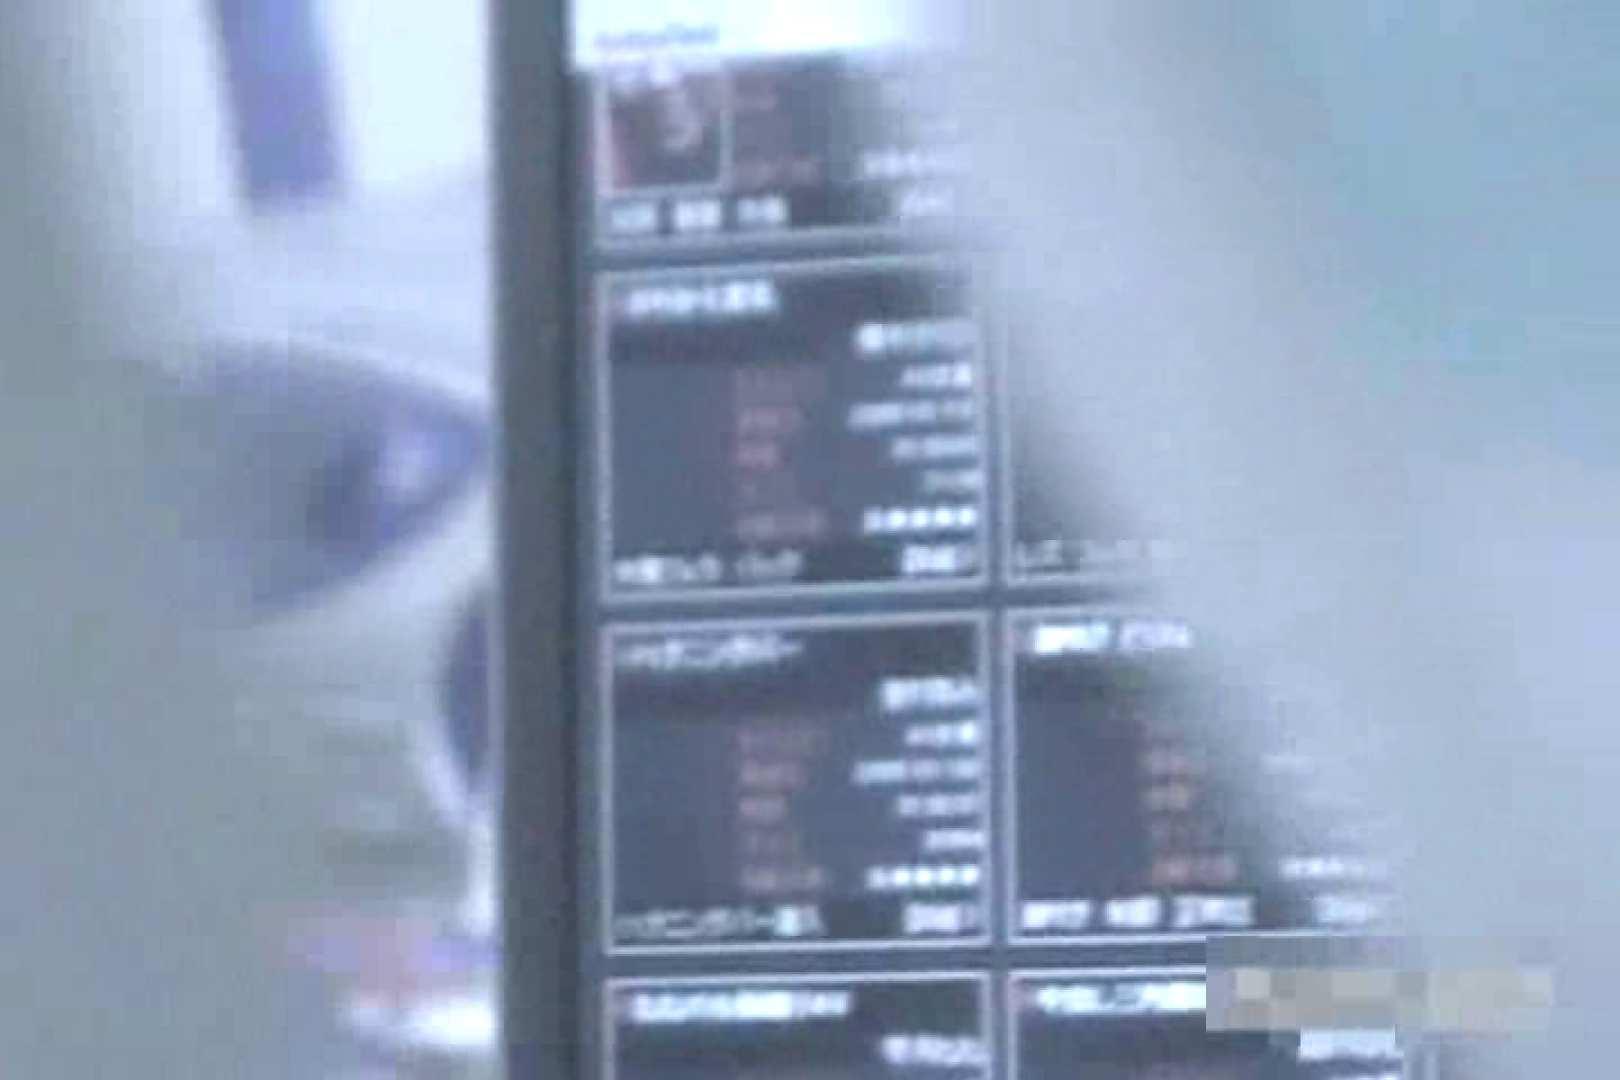 激撮ストーカー記録あなたのお宅拝見しますVol.5 オナニーDEエッチ 覗きおまんこ画像 92PIX 11